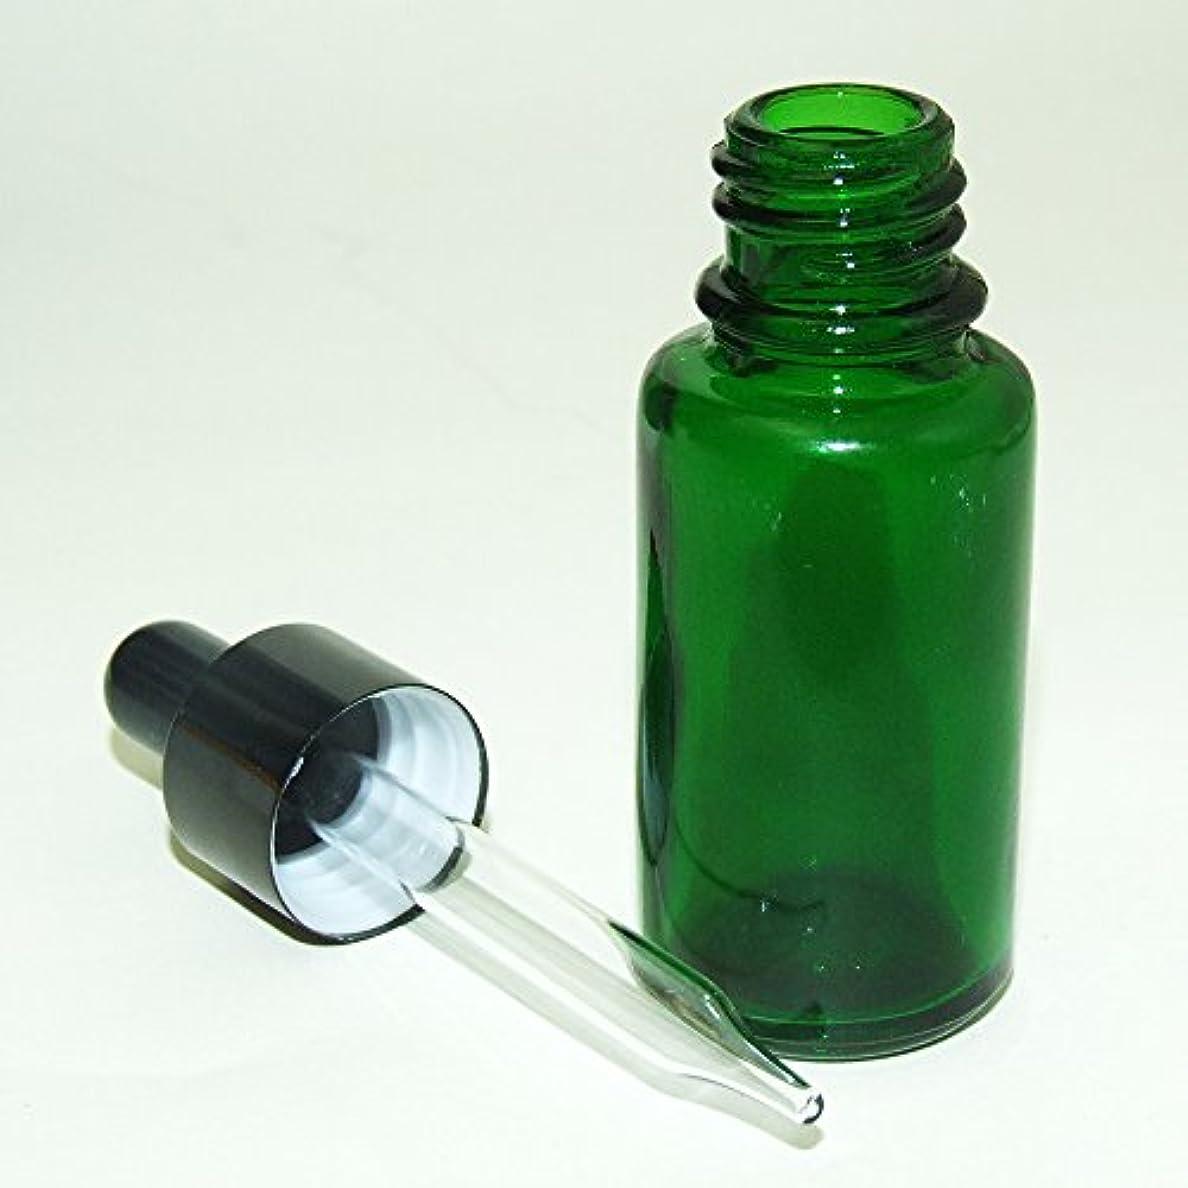 直径マラドロイト引用ガレージ?ゼロ 遮光ガラス スポイド瓶 先細タイプ 緑 15ml(GZKP32)×10個 アロマ保存 GSE678